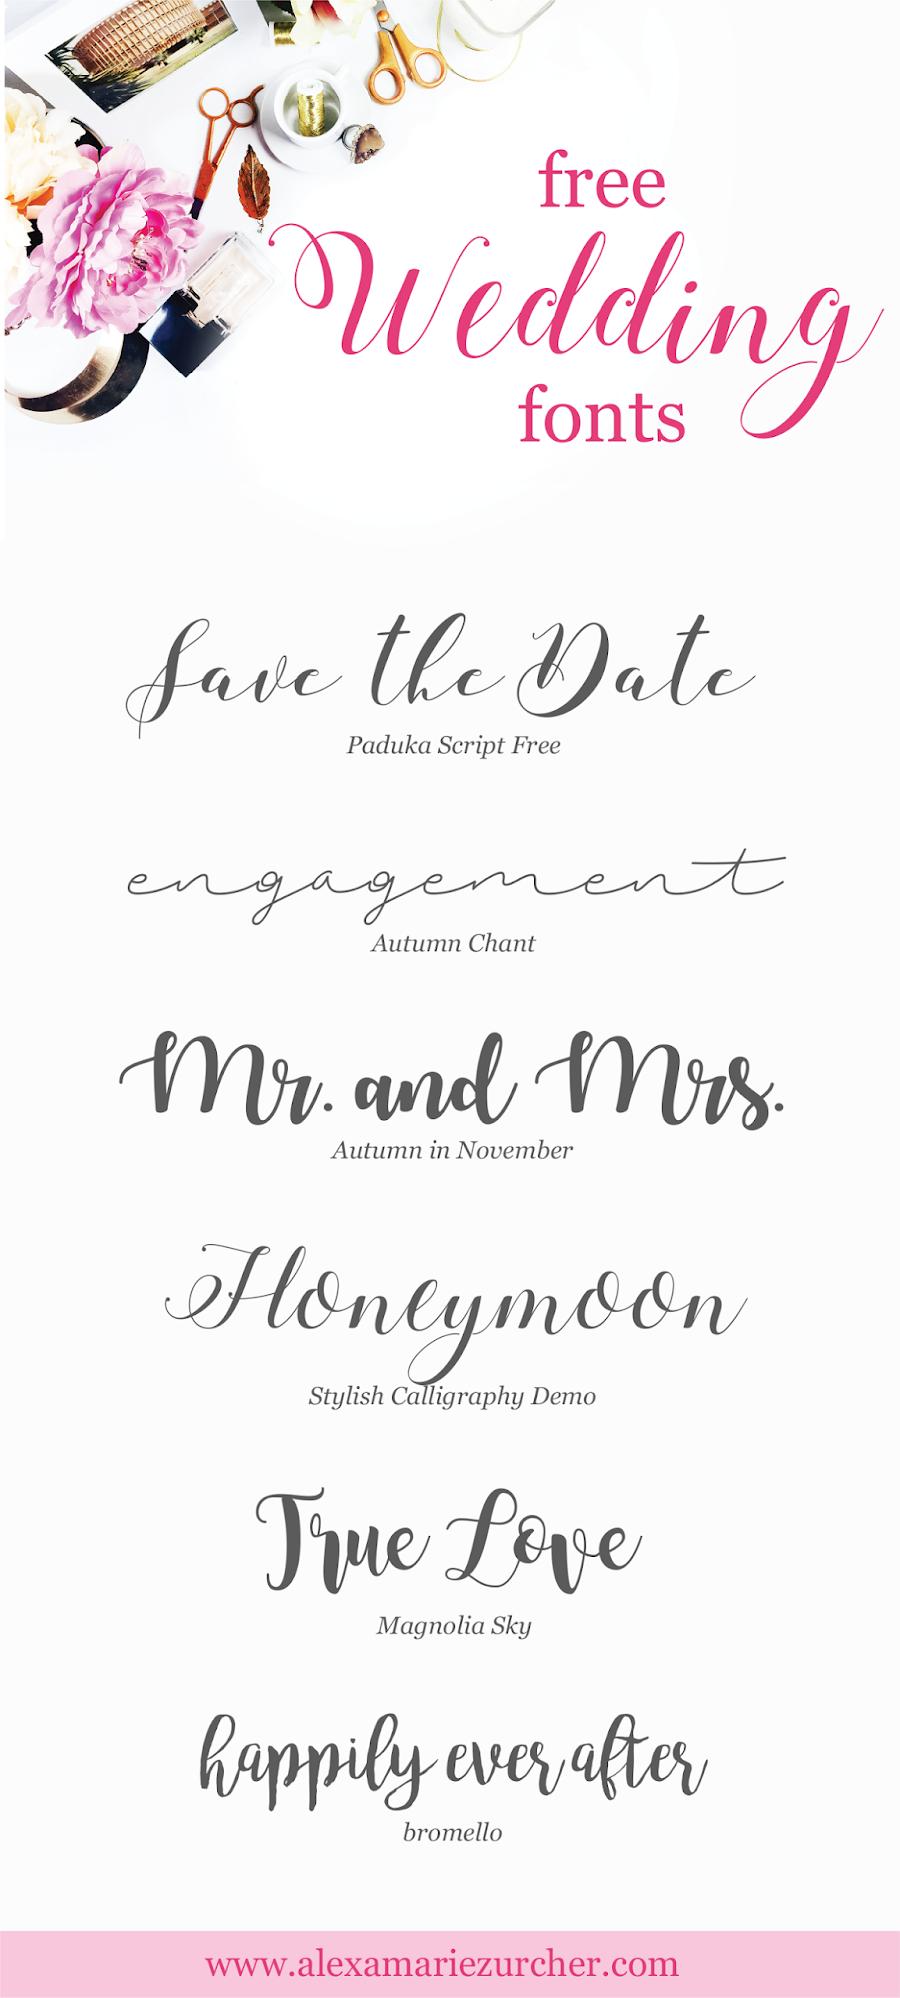 Free Wedding Fonts! / Alexa Zurcher